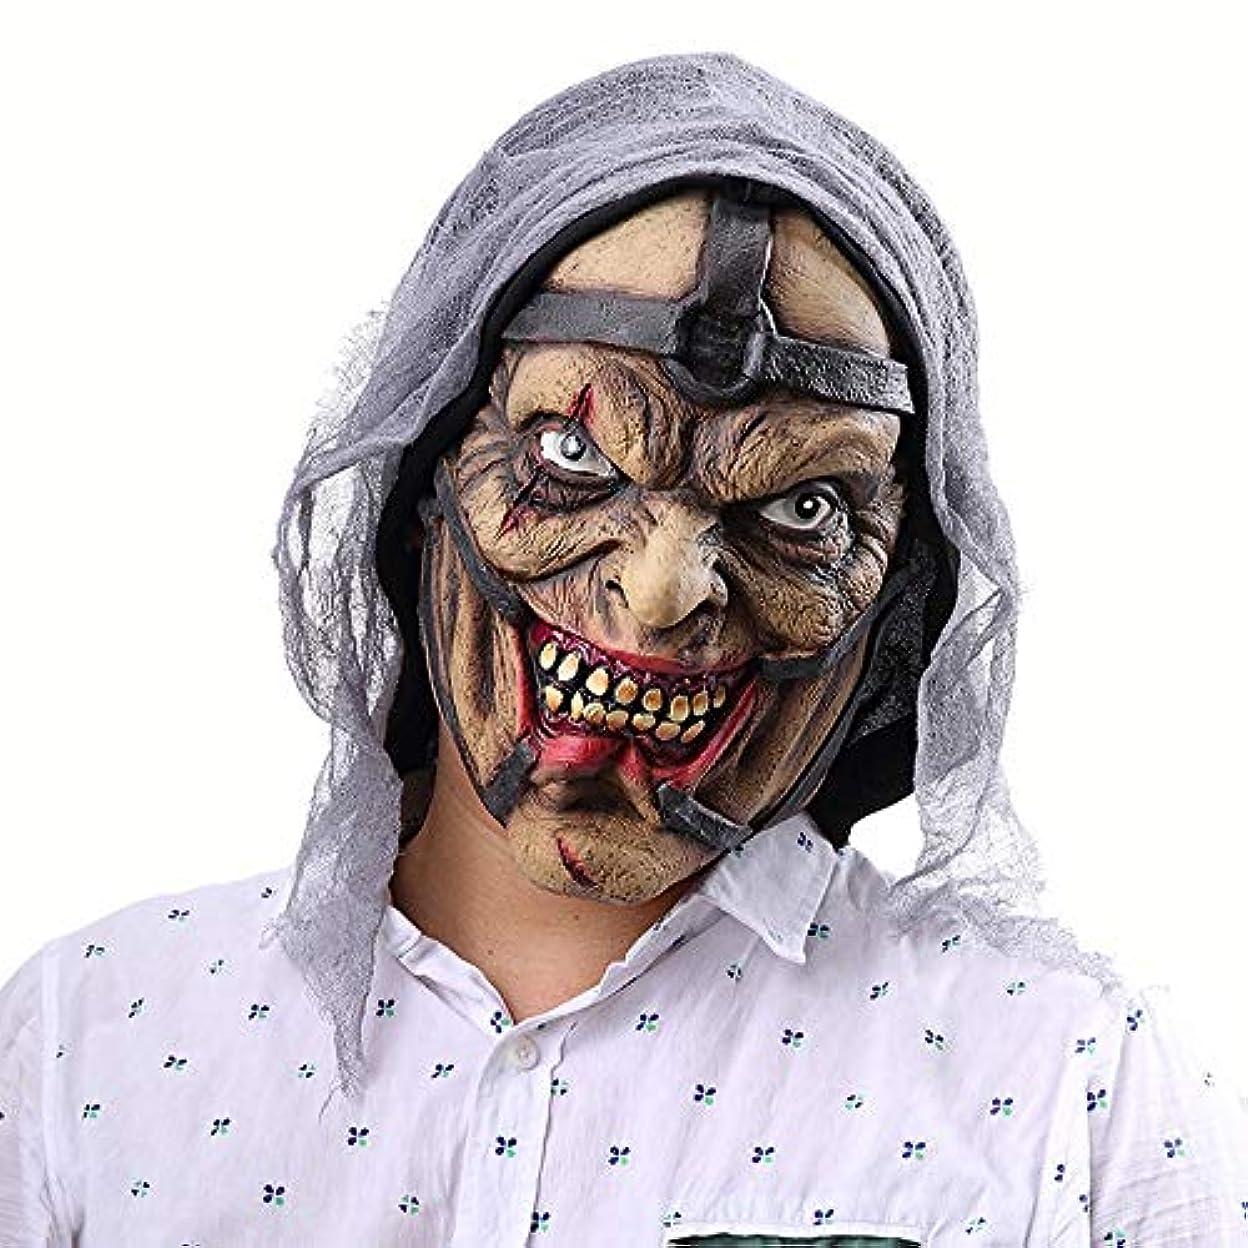 領収書感性問い合わせハロウィンホラーソーサレスポケモンマンマスクアマゾン外国為替ラテックスゴーストマスクヘッドギア